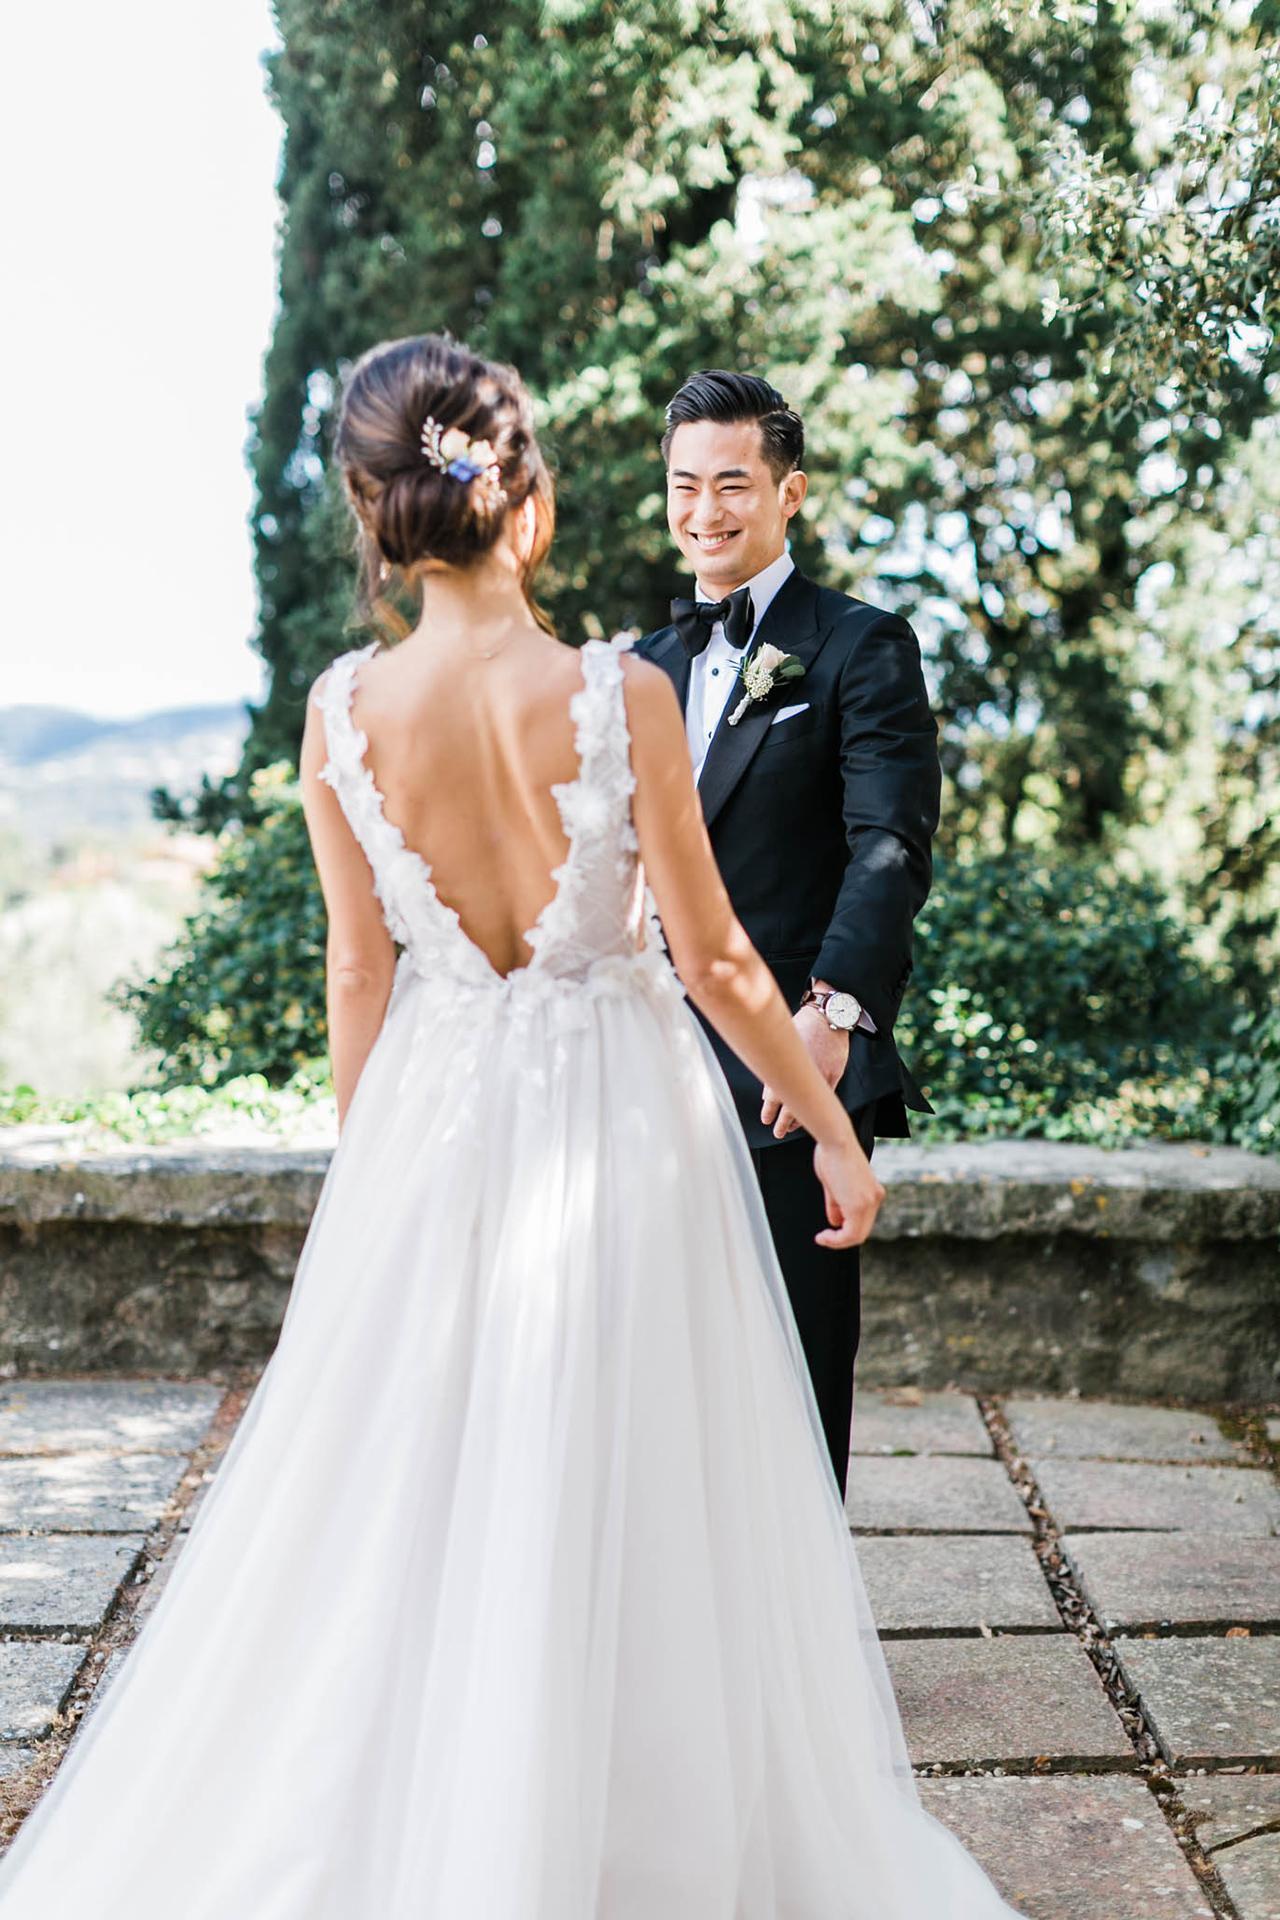 bride groom wedding day first look outdoor garden